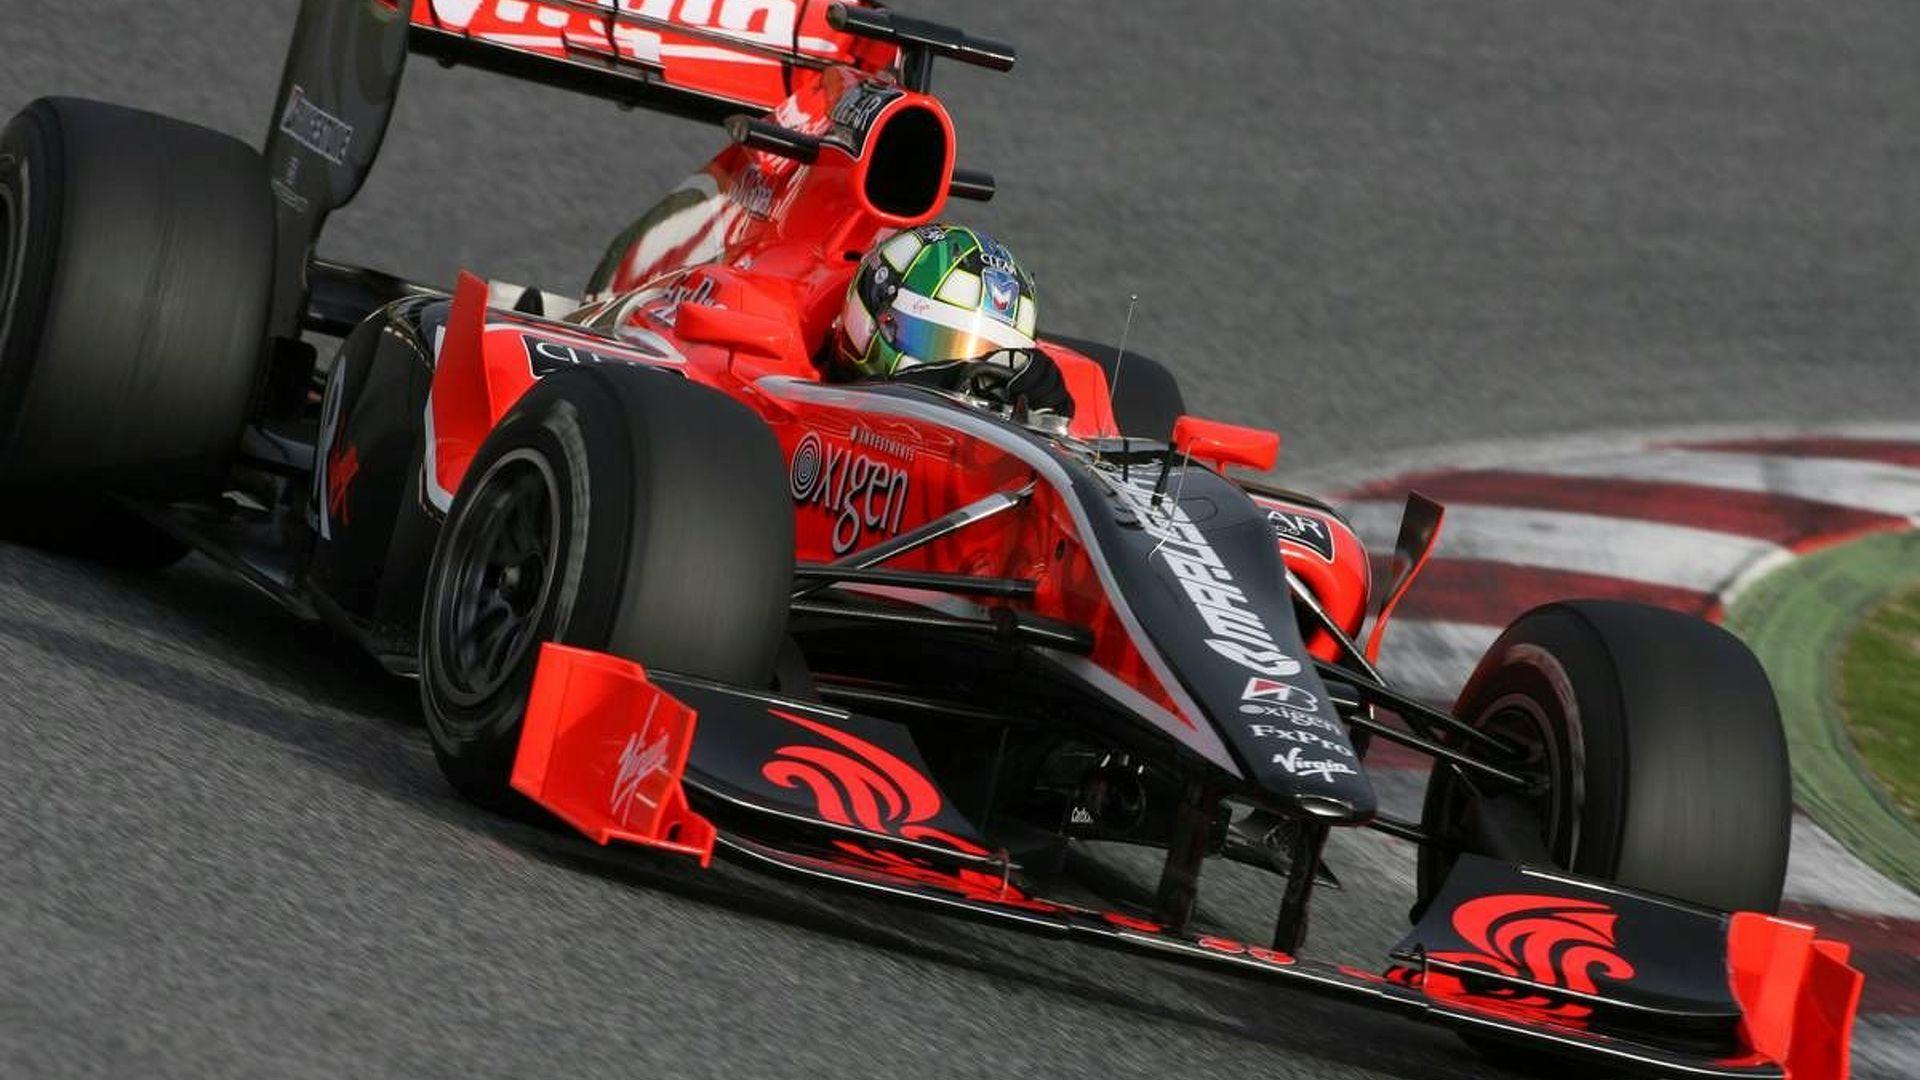 Mosley, Fernandes back Branson over Ferrari outburst